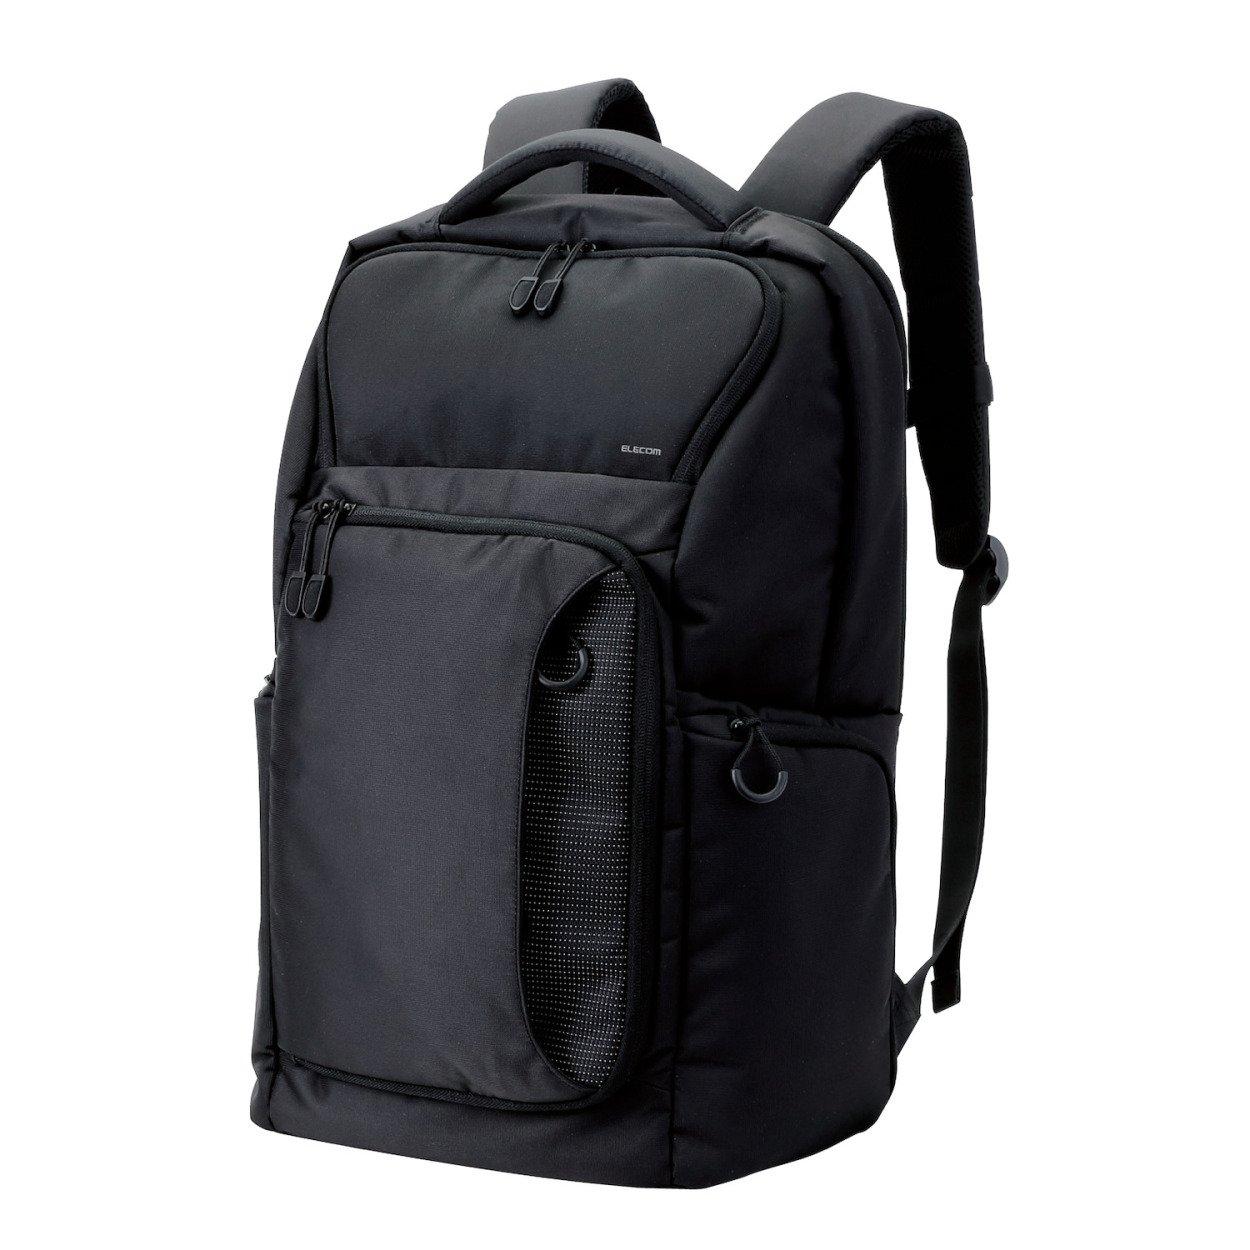 エレコム バックパック 超軽量 豊富 小物ポケット付 ブラック BM-BP01BK B013S2YARK スタンダード|ブラック スタンダード